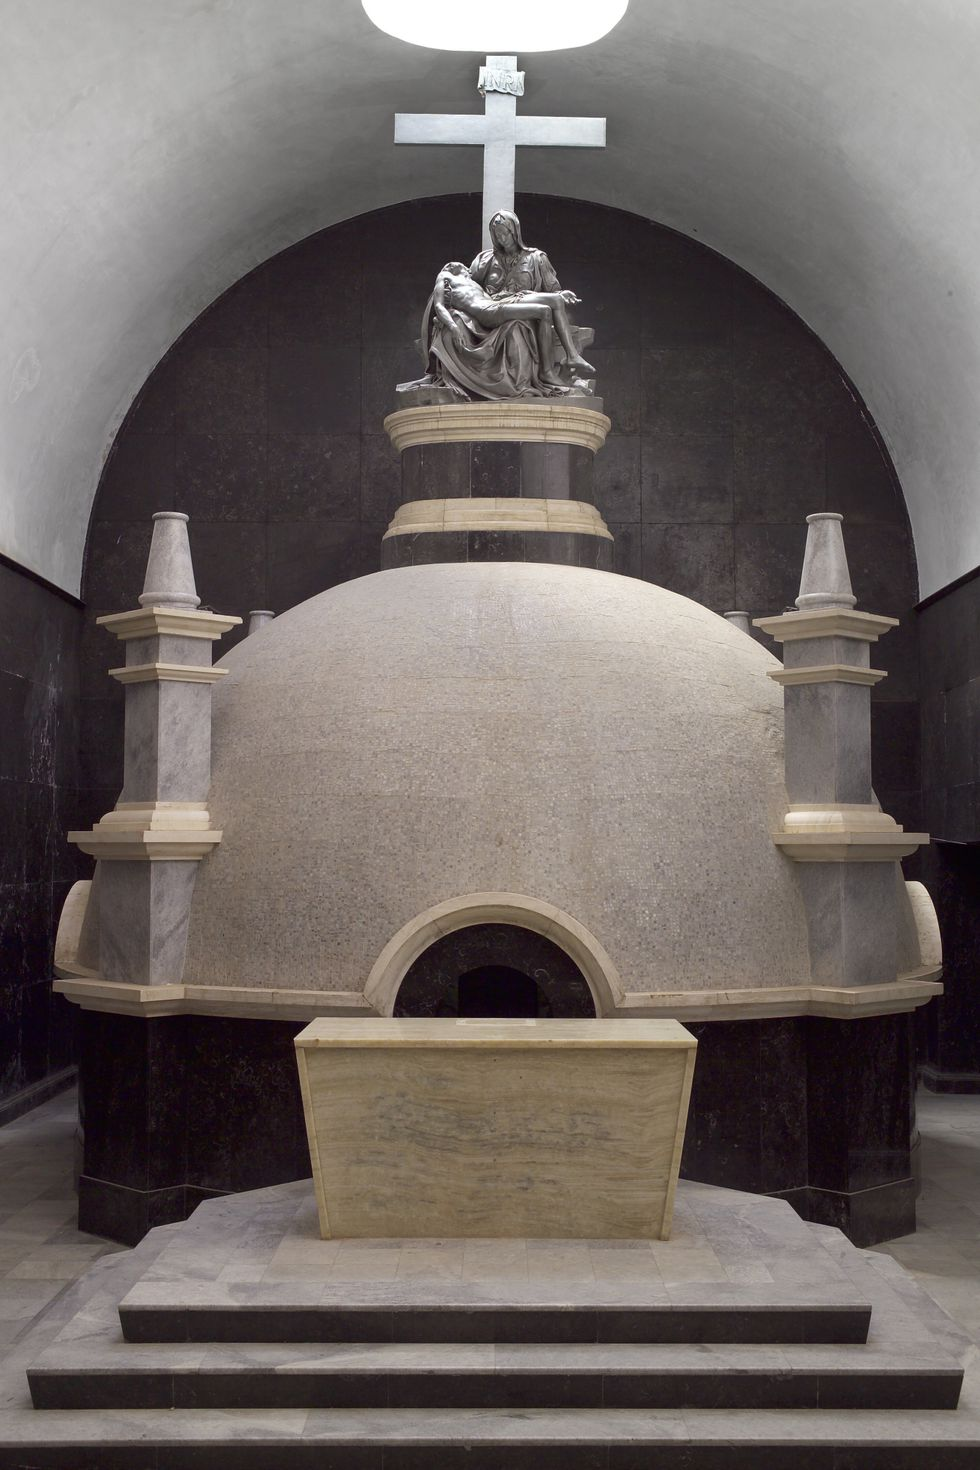 La Piedad 'negra' está en la cima de una cripta dentro de la iglesia Santiago Apóstol. (Foto: PromPerú)